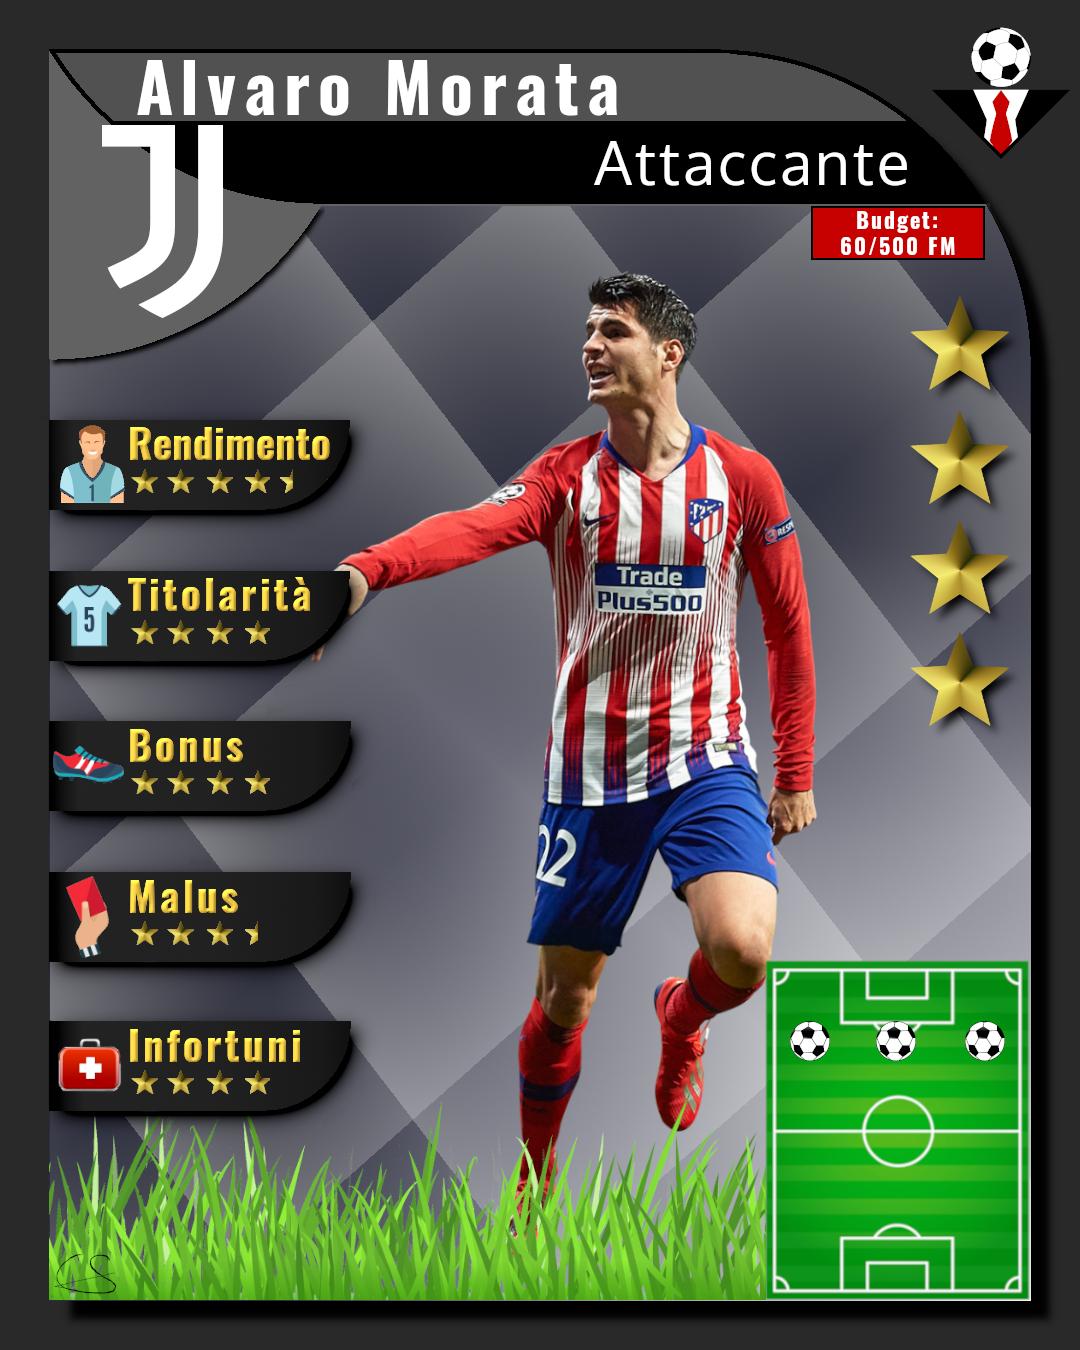 L'Osservato Speciale Alvaro Morata tornato da poco alla Juventus